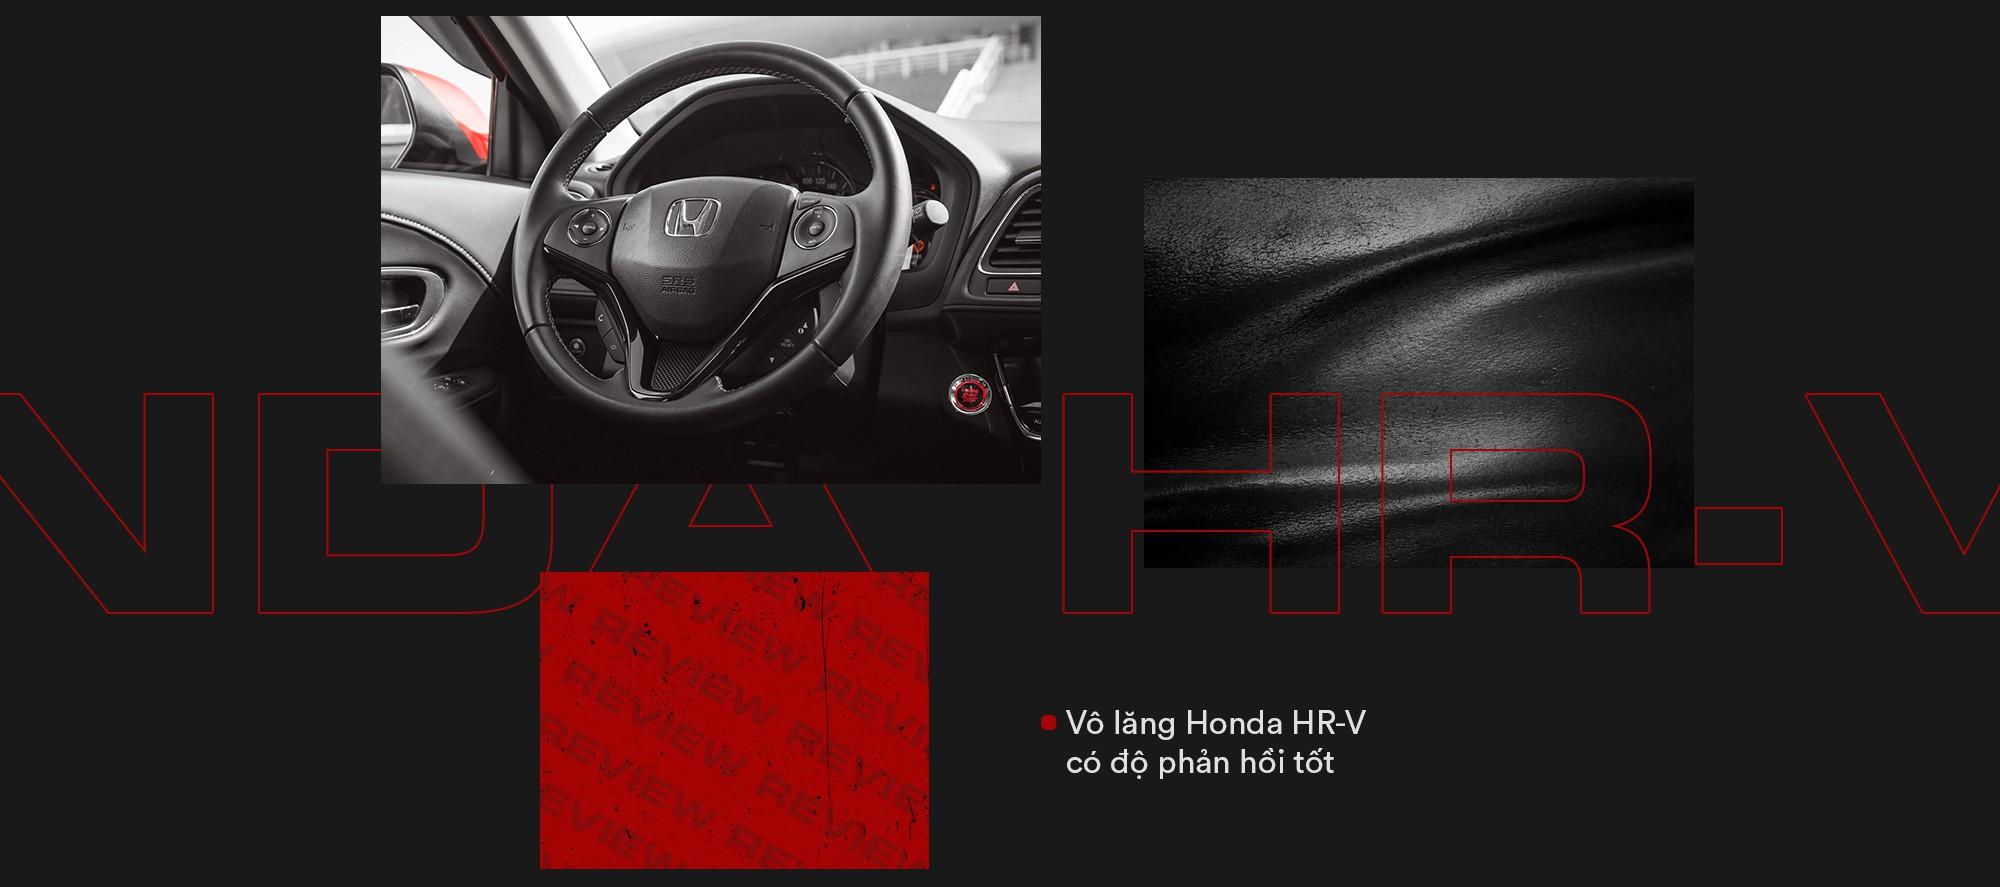 Đánh giá Honda HR-V: Thực dụng kiểu Nhật, đồ chơi kiểu Hàn và cách chiều lòng sự khó hiểu kiểu người Việt - Ảnh 17.